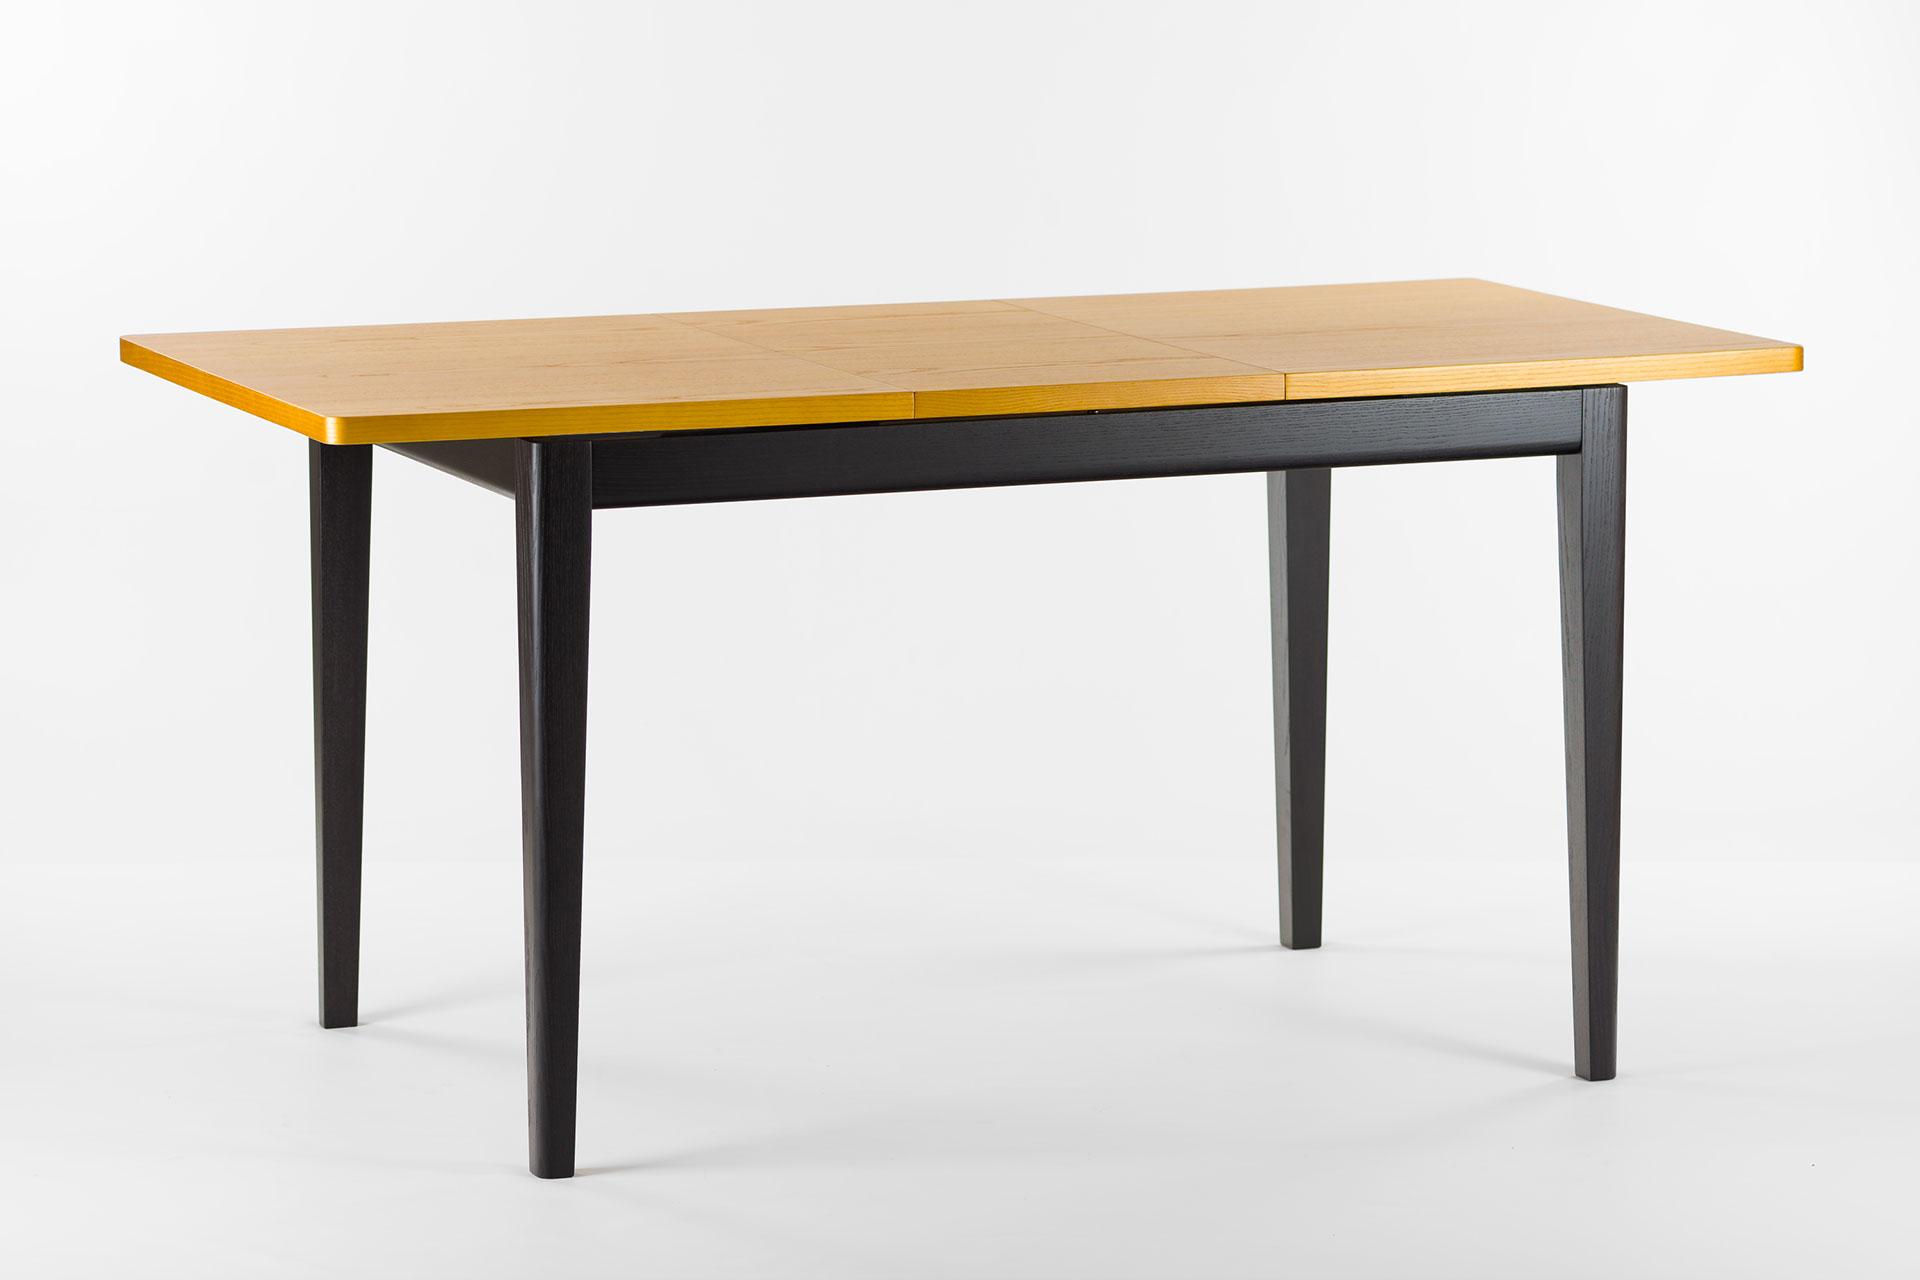 """Раскладной, прямоугольный кухонный стол """"Фишер"""" с черным каркасом и тонированной столешницей, разложенный"""